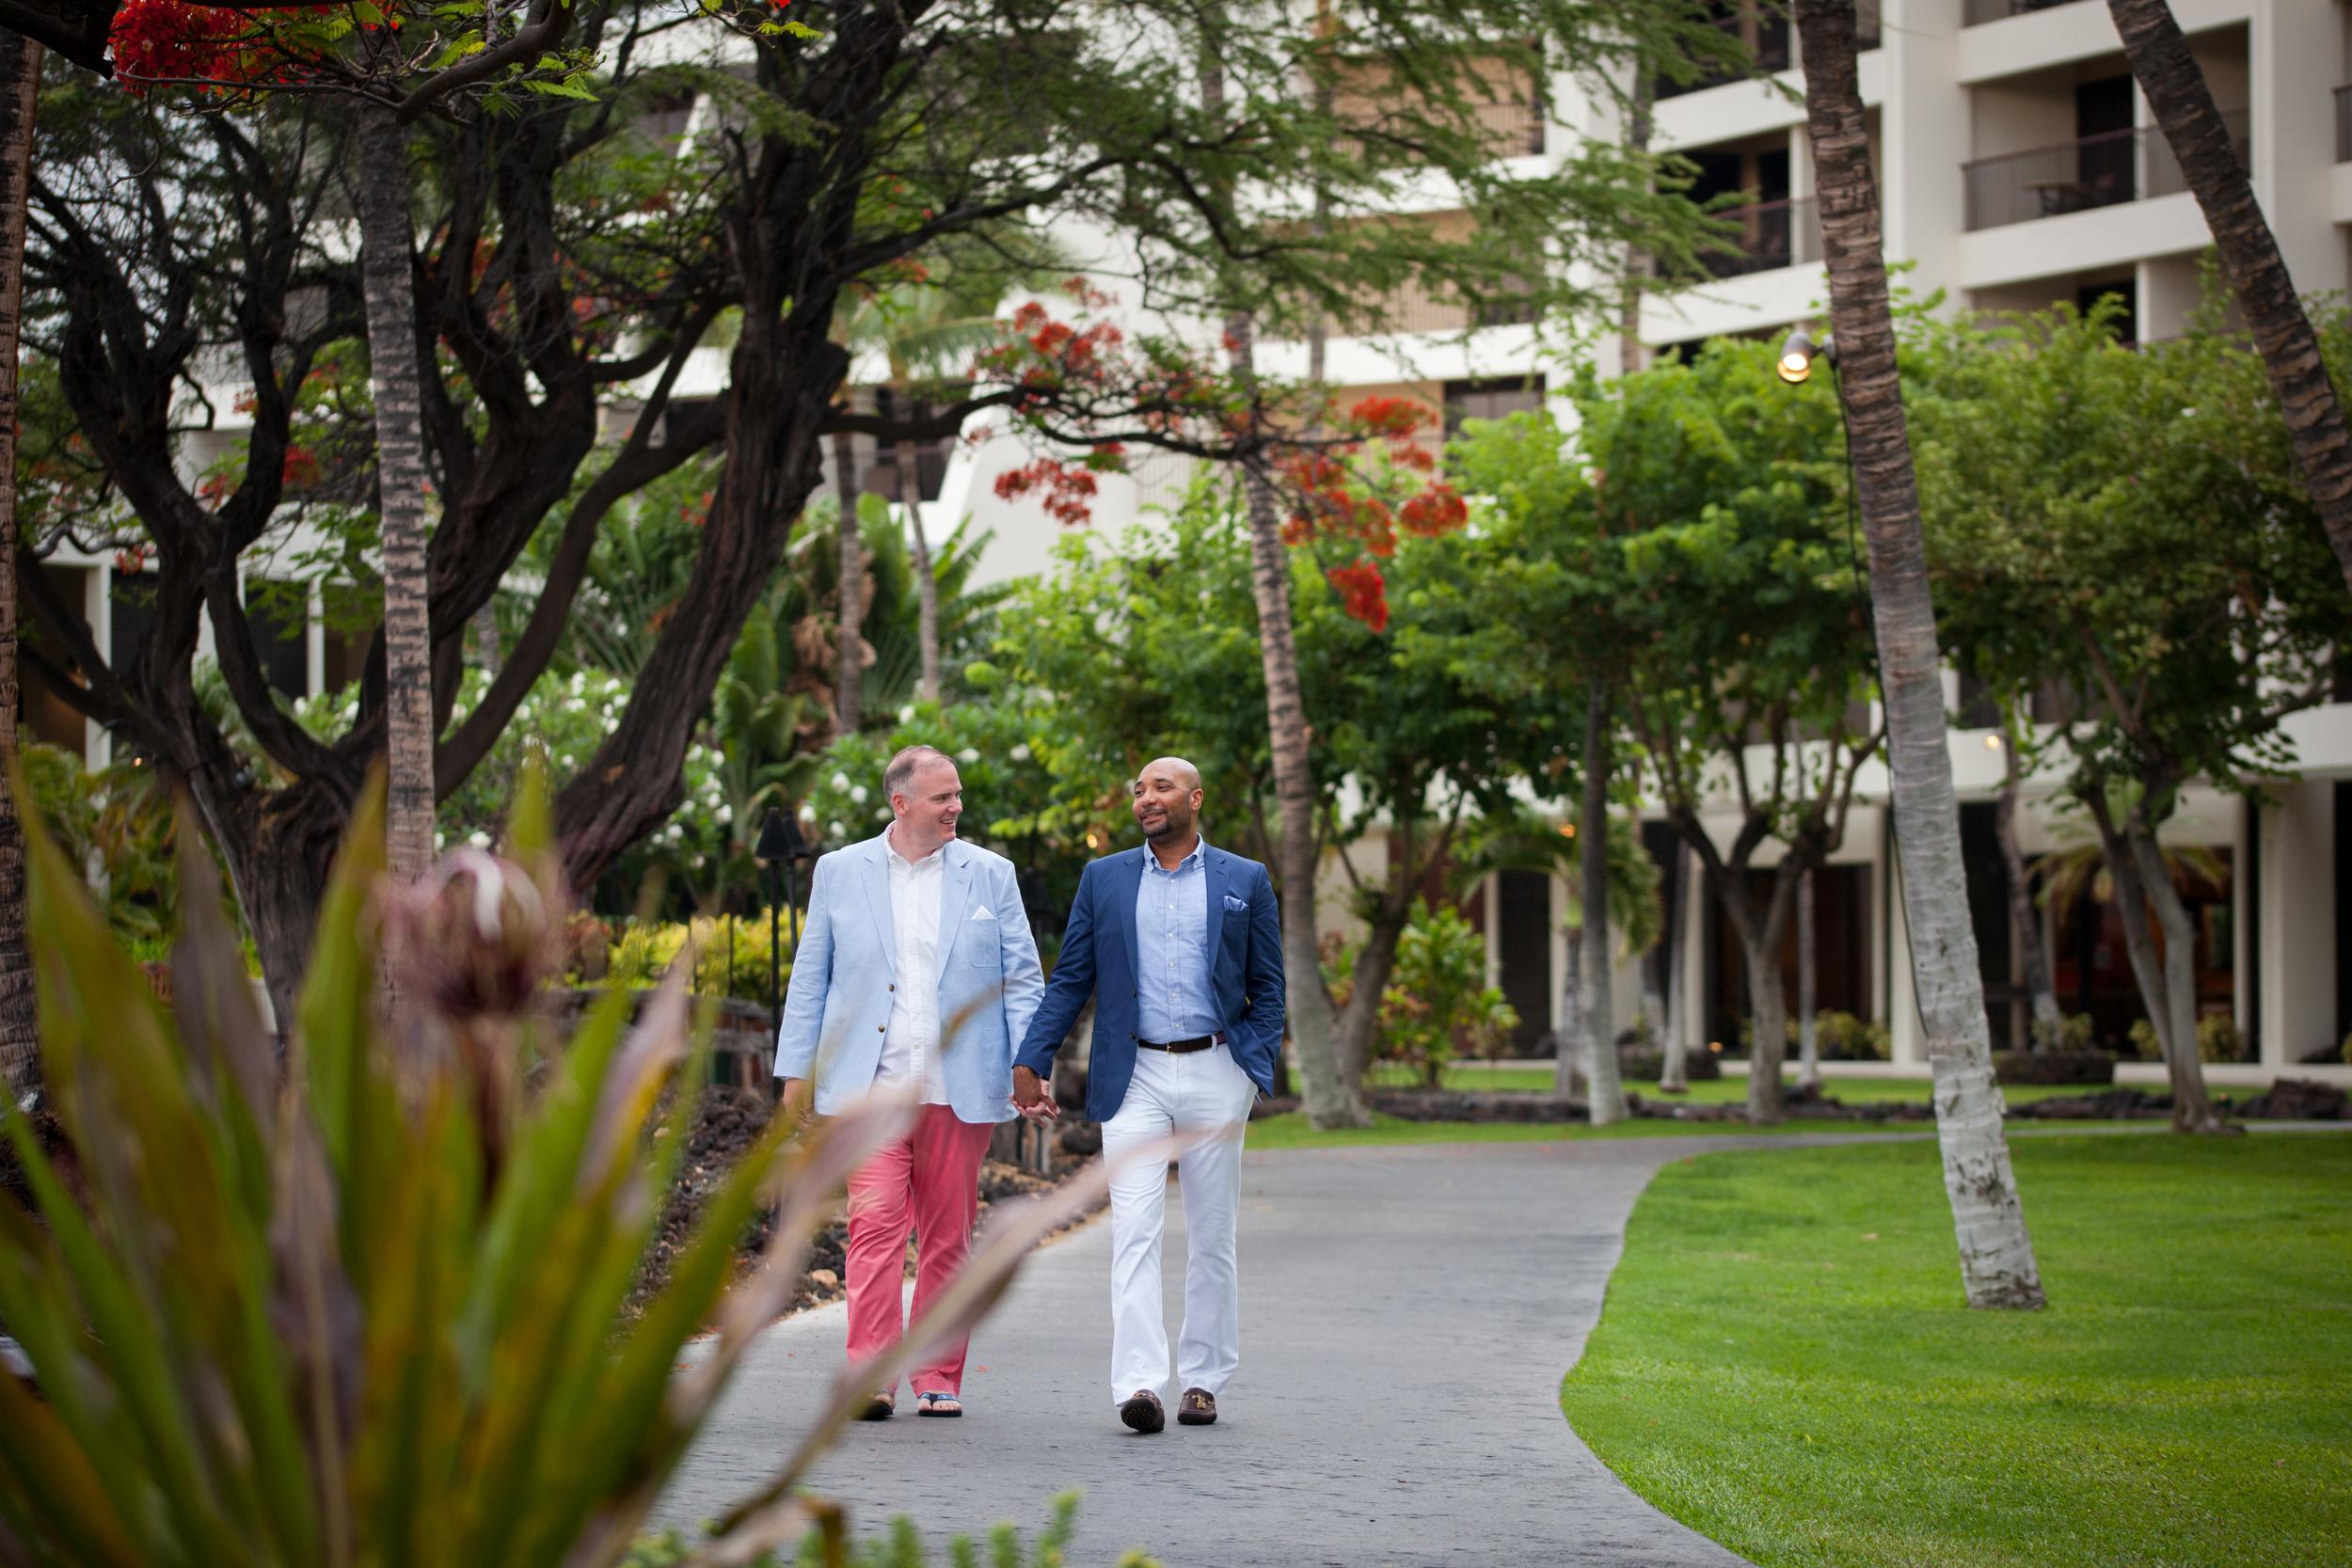 big island hawaii rmauna lani beach wedding © kelilina photography 20160601181649-3.jpg